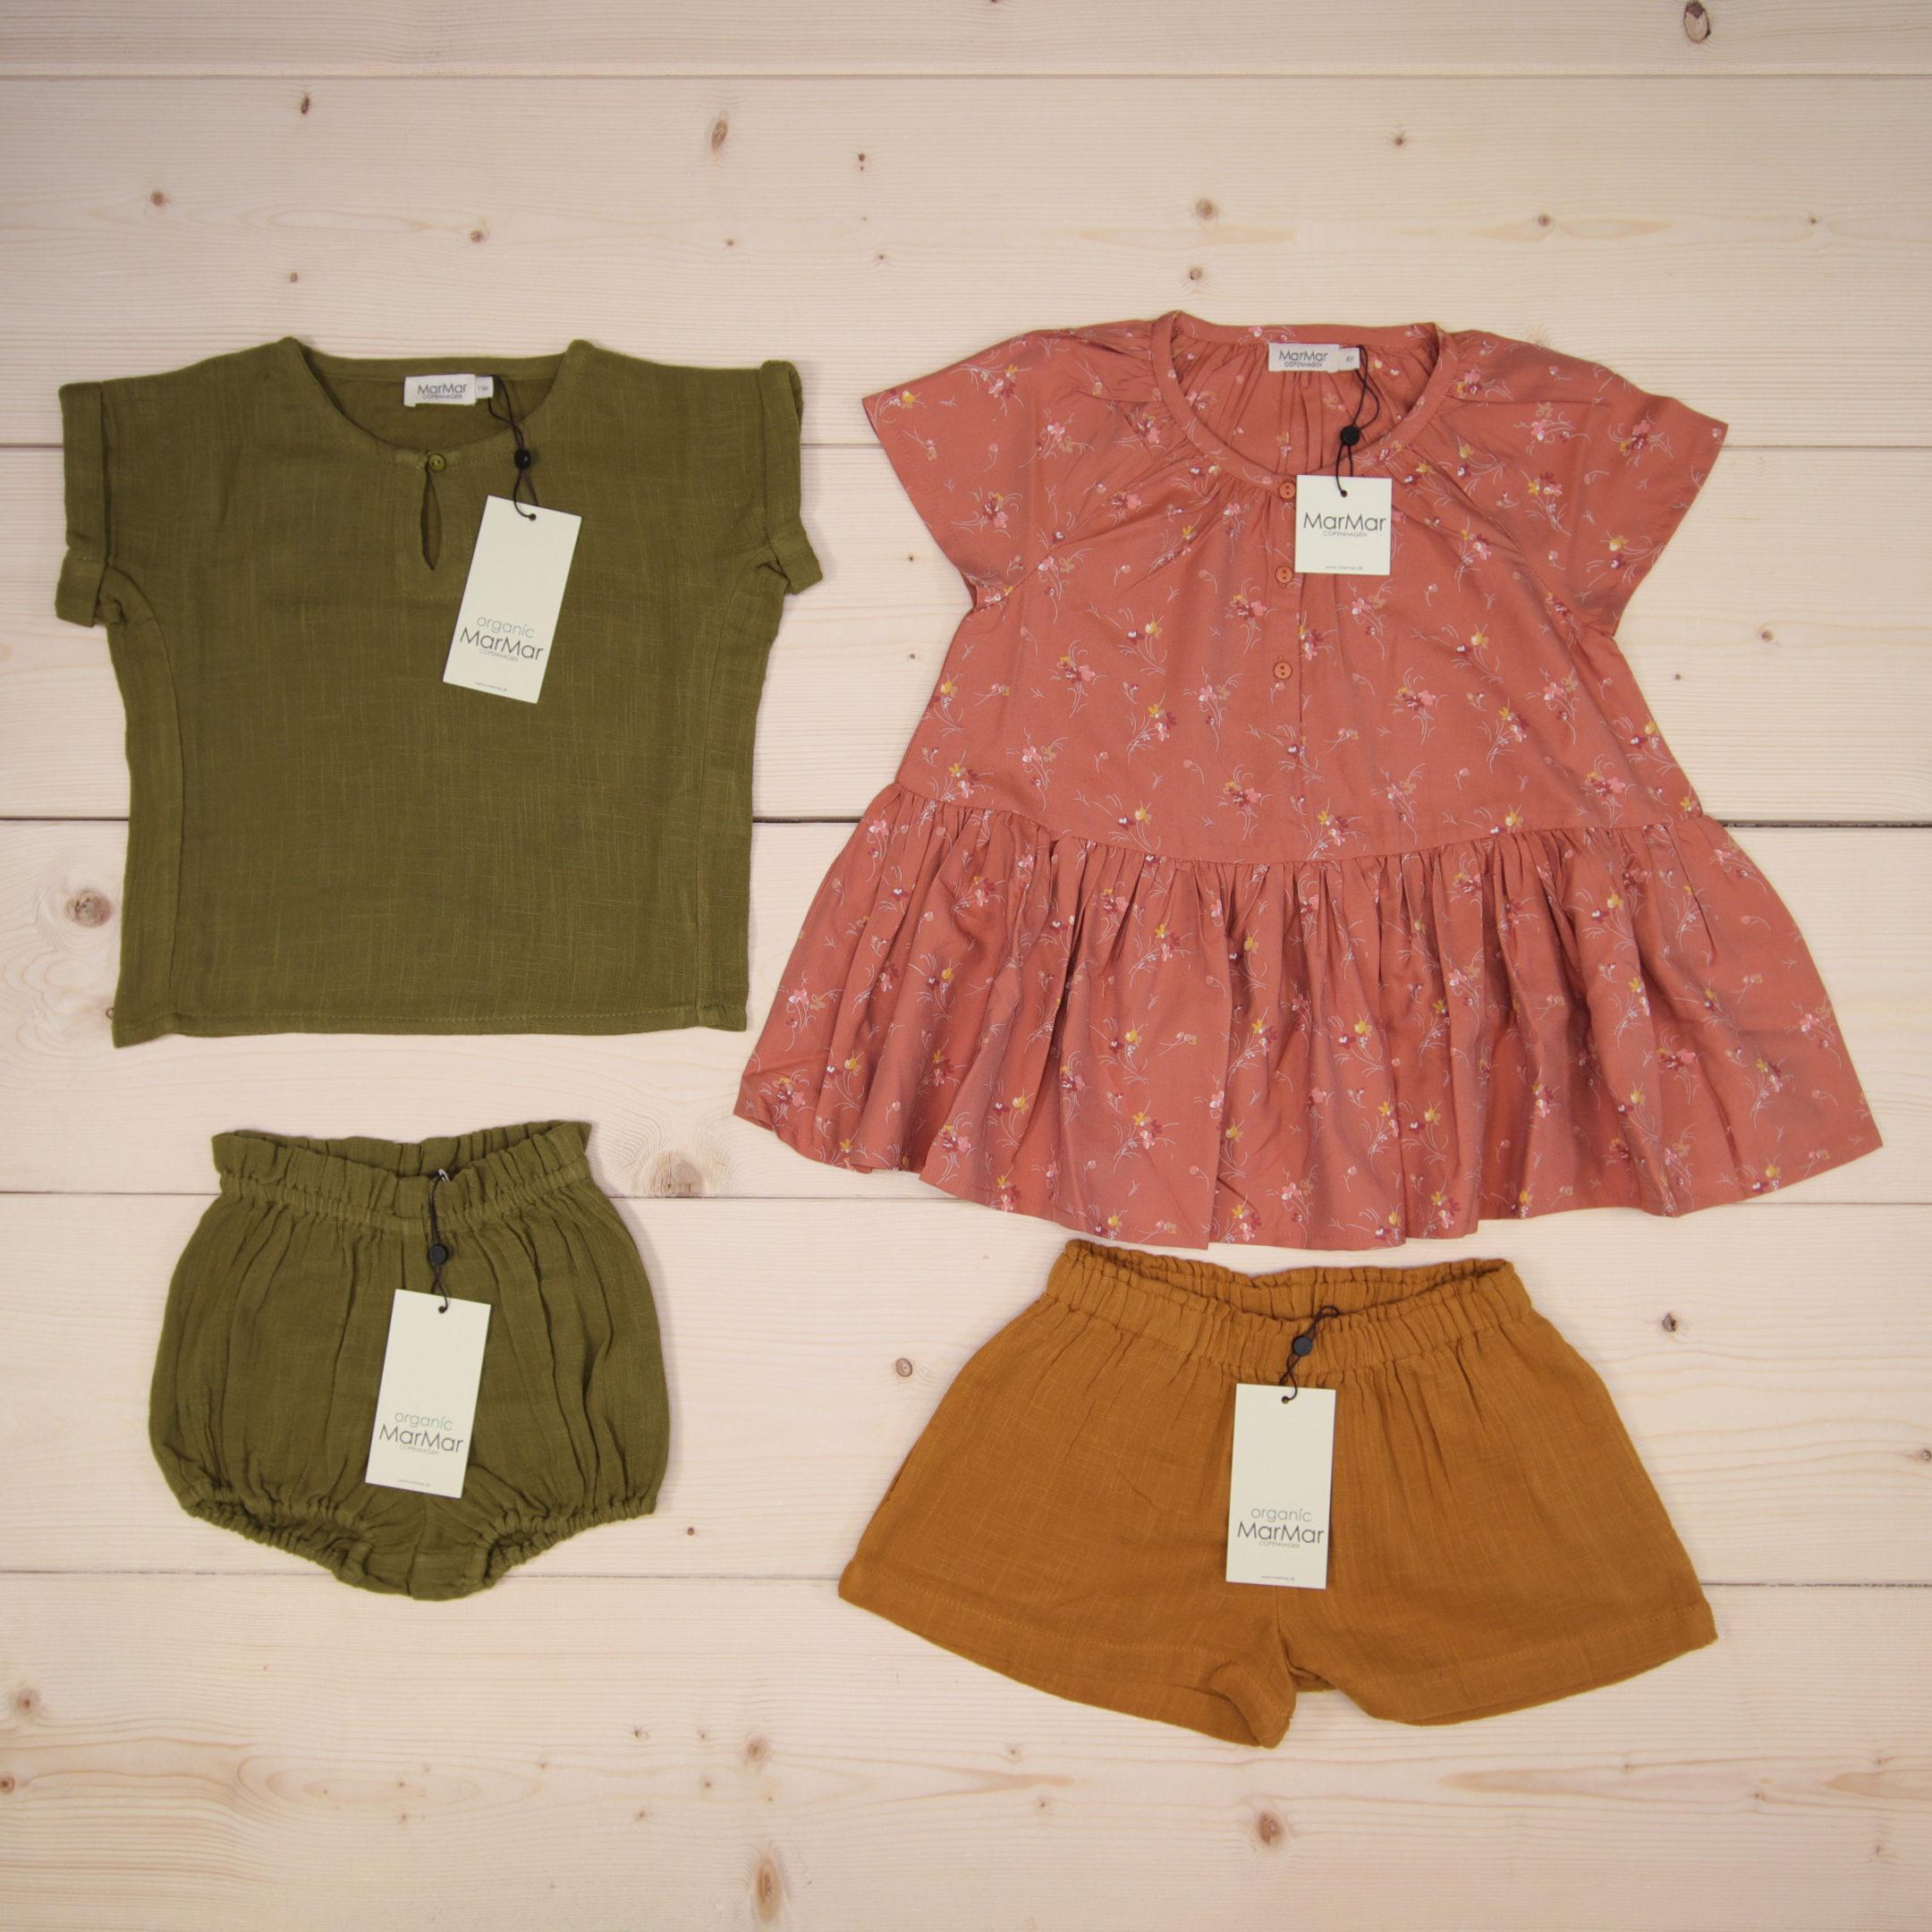 MarMar news SS20  Dette er Småpakke som vi forberedte for en jente i stilene cute og minimalistic